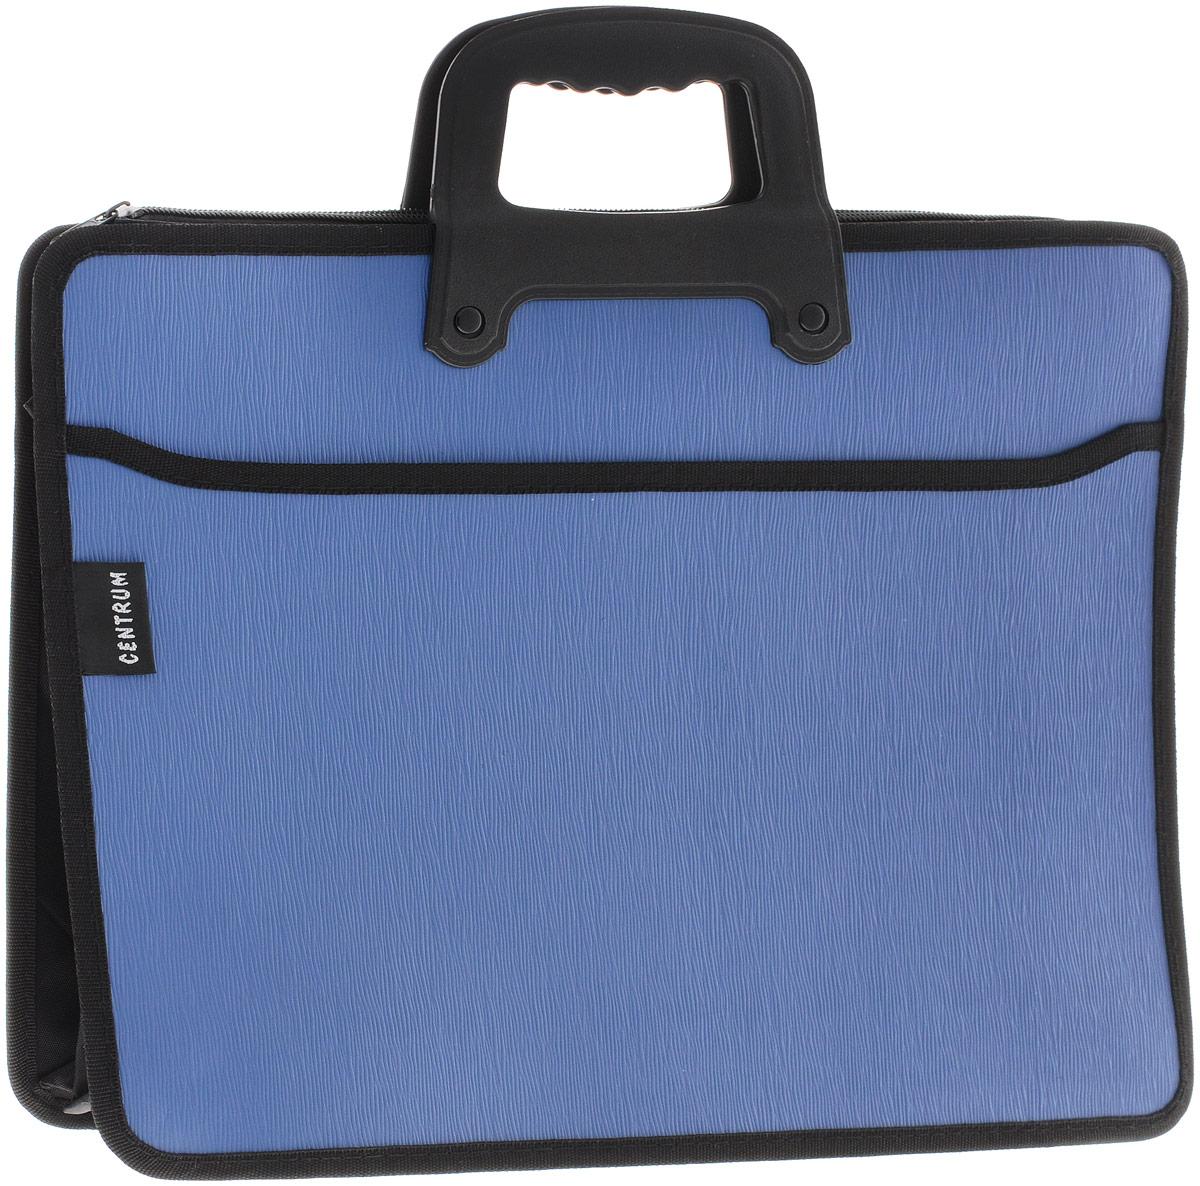 Centrum Папка-портфель на молнии с ручкой цвет темно-синий 82263_темно-синий